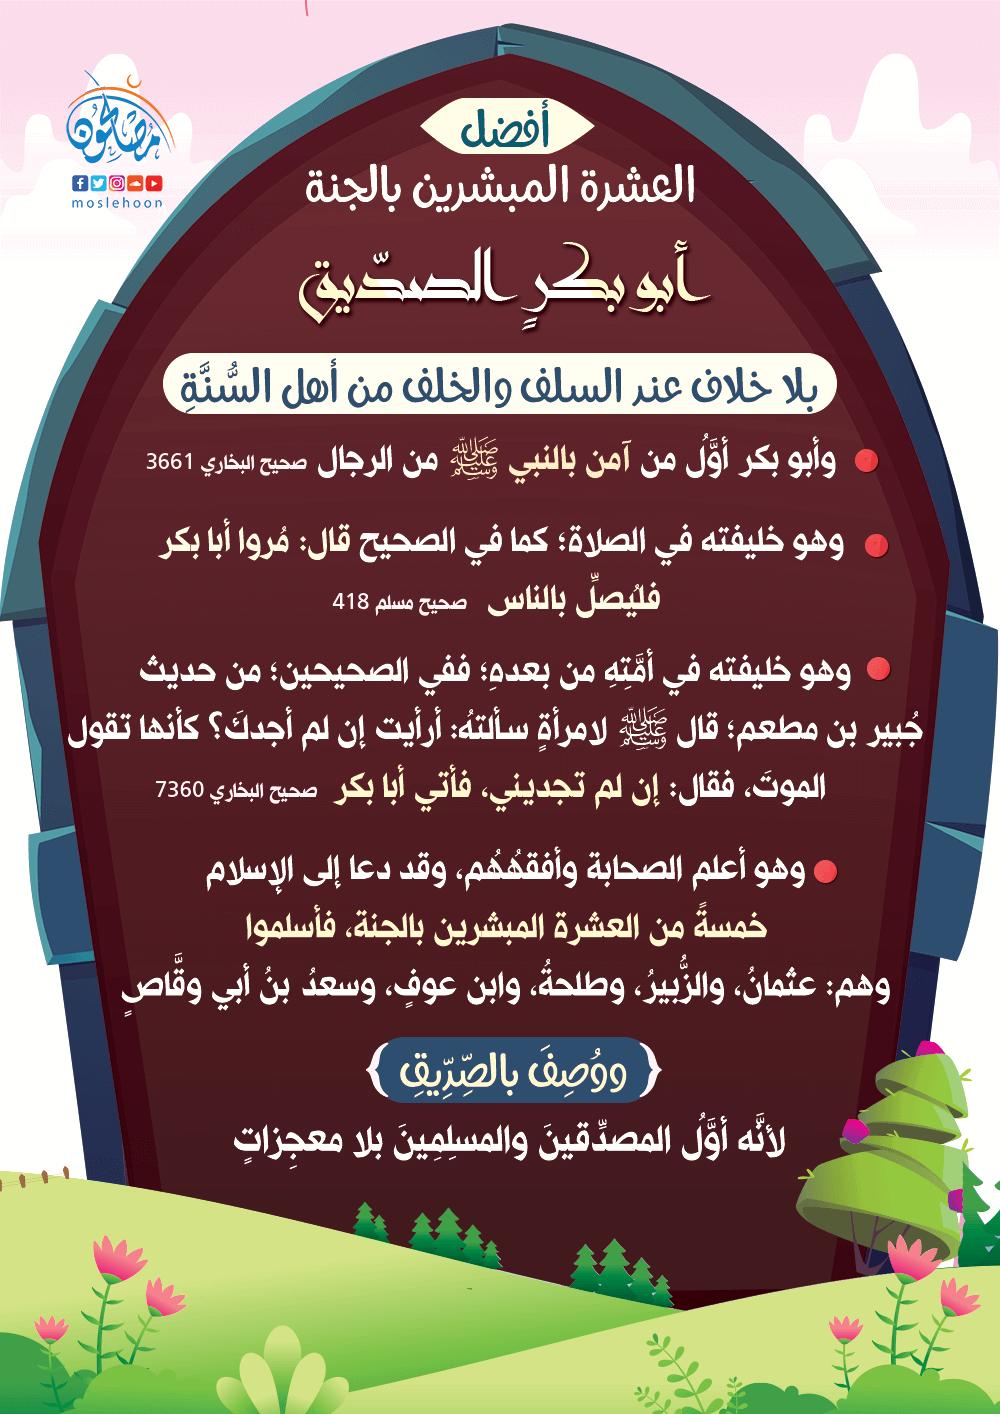 منزلة أبي بكر الصديق من النبي ﷺ